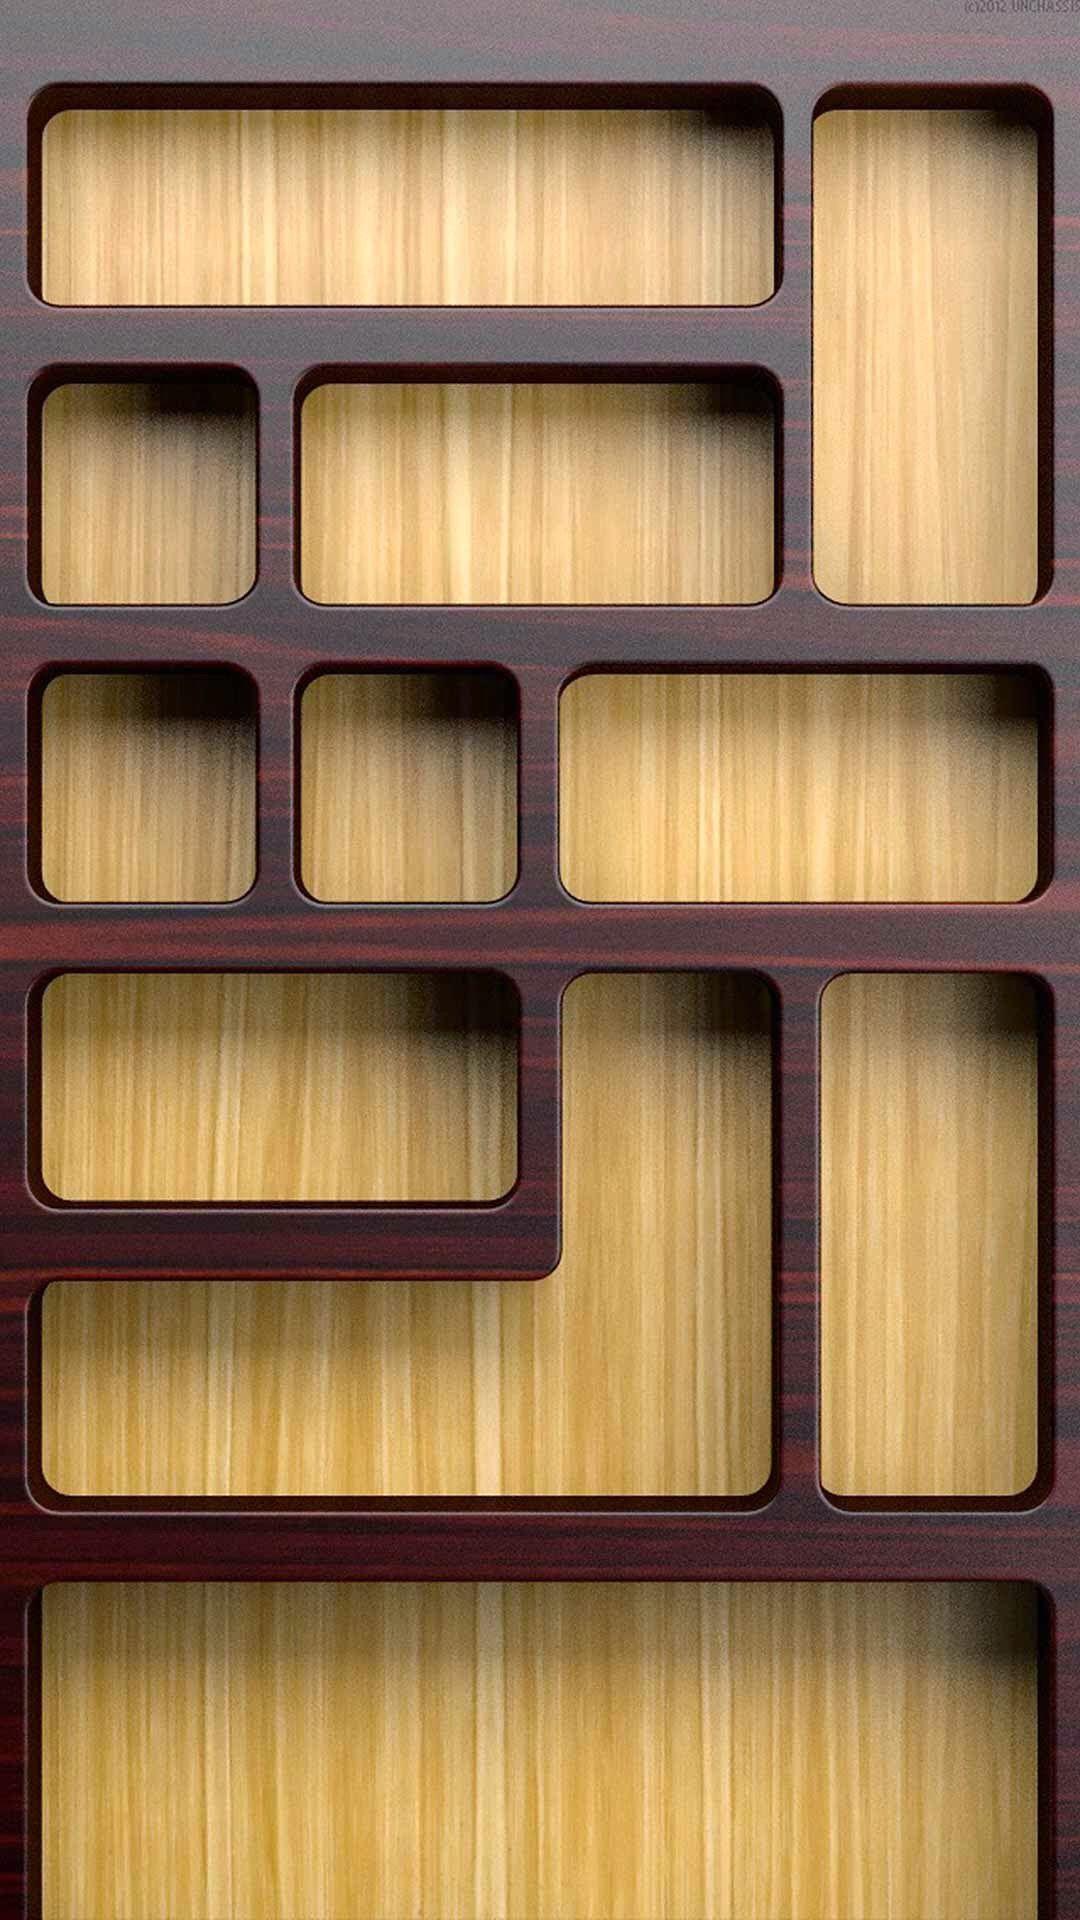 Wallpapers 1 おしゃれまとめの人気アイデア Pinterest Beyza 壁紙 本棚 Iphone7plus 壁紙 ユニークな壁紙